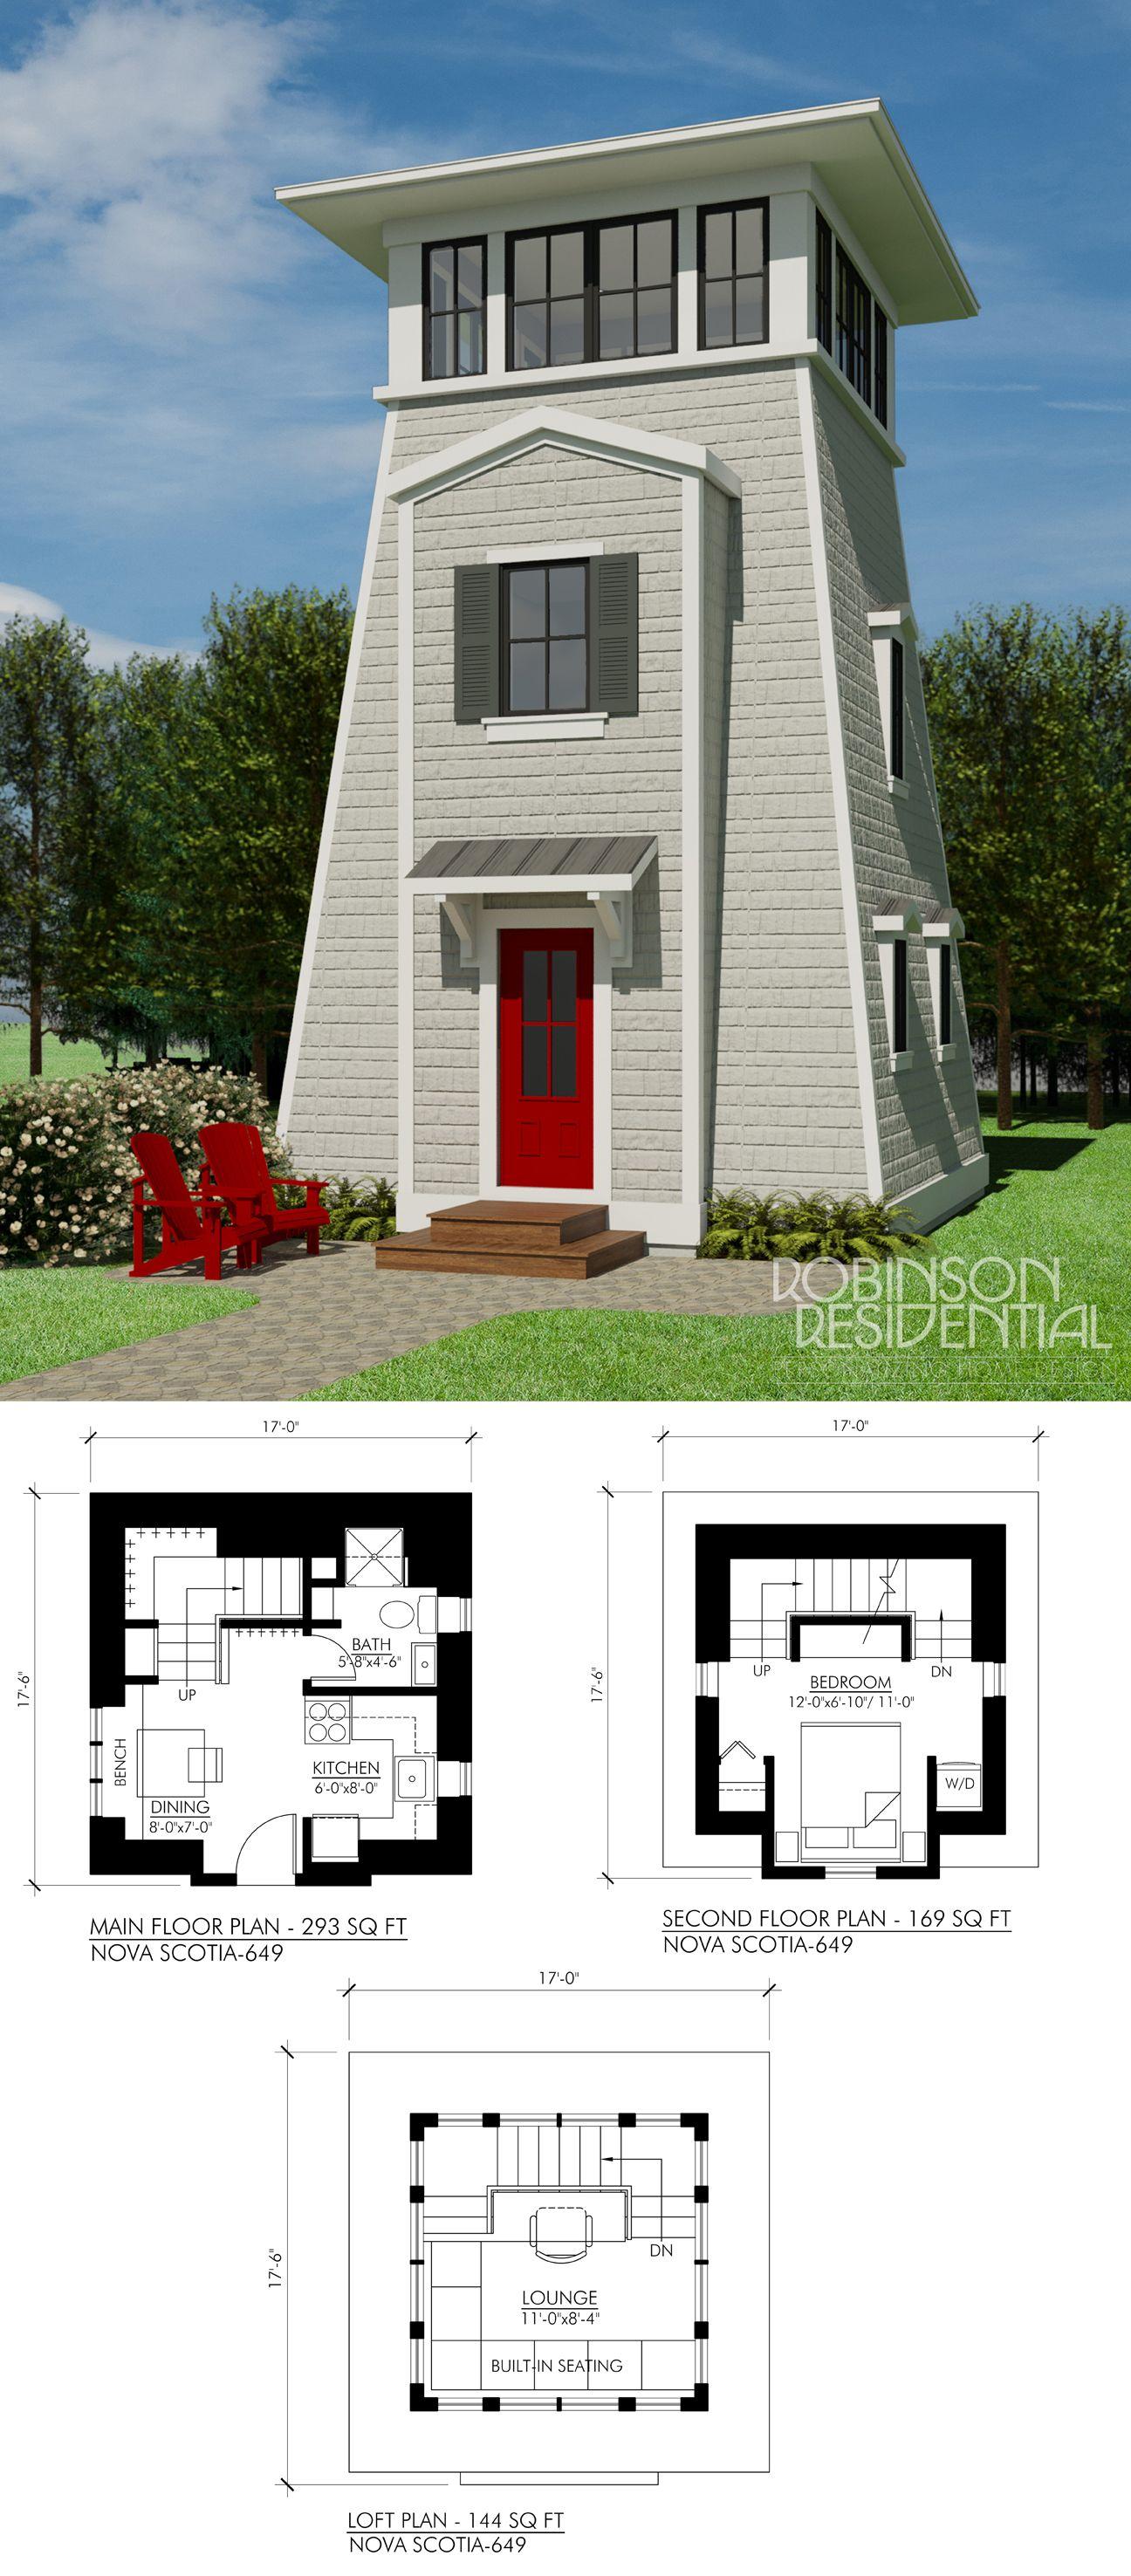 Nova Scotia 657 In 2019 Tiny House Tiny House Plans